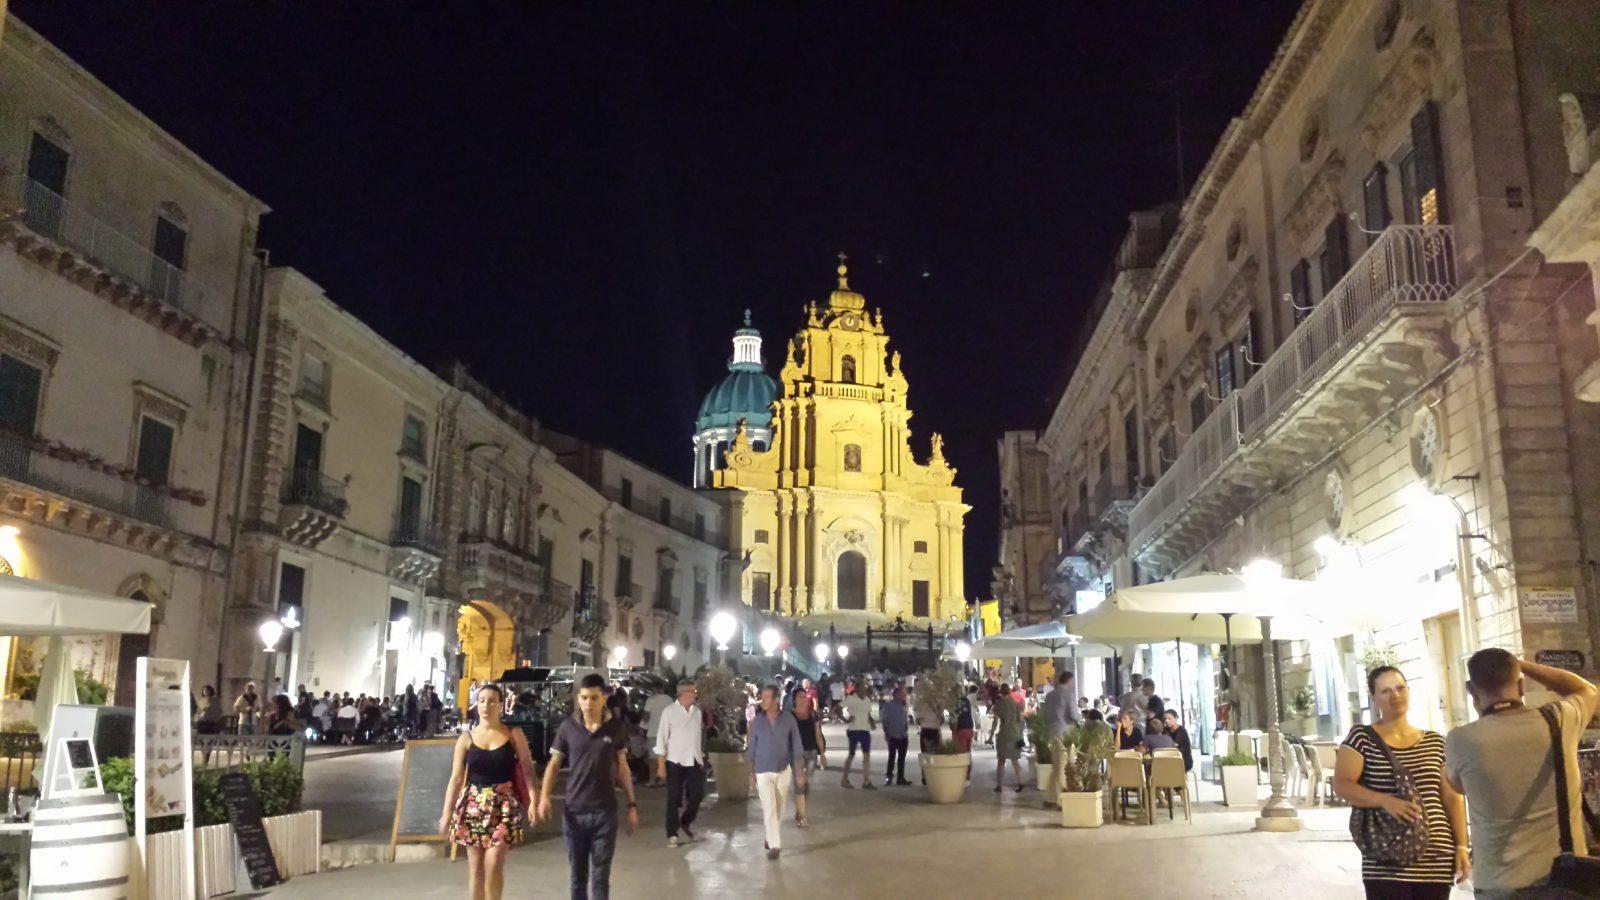 Itinerari di Sicilia: Sicilia sud orientale, Ragusa Ibla, Modica, e Marina di Ragusa